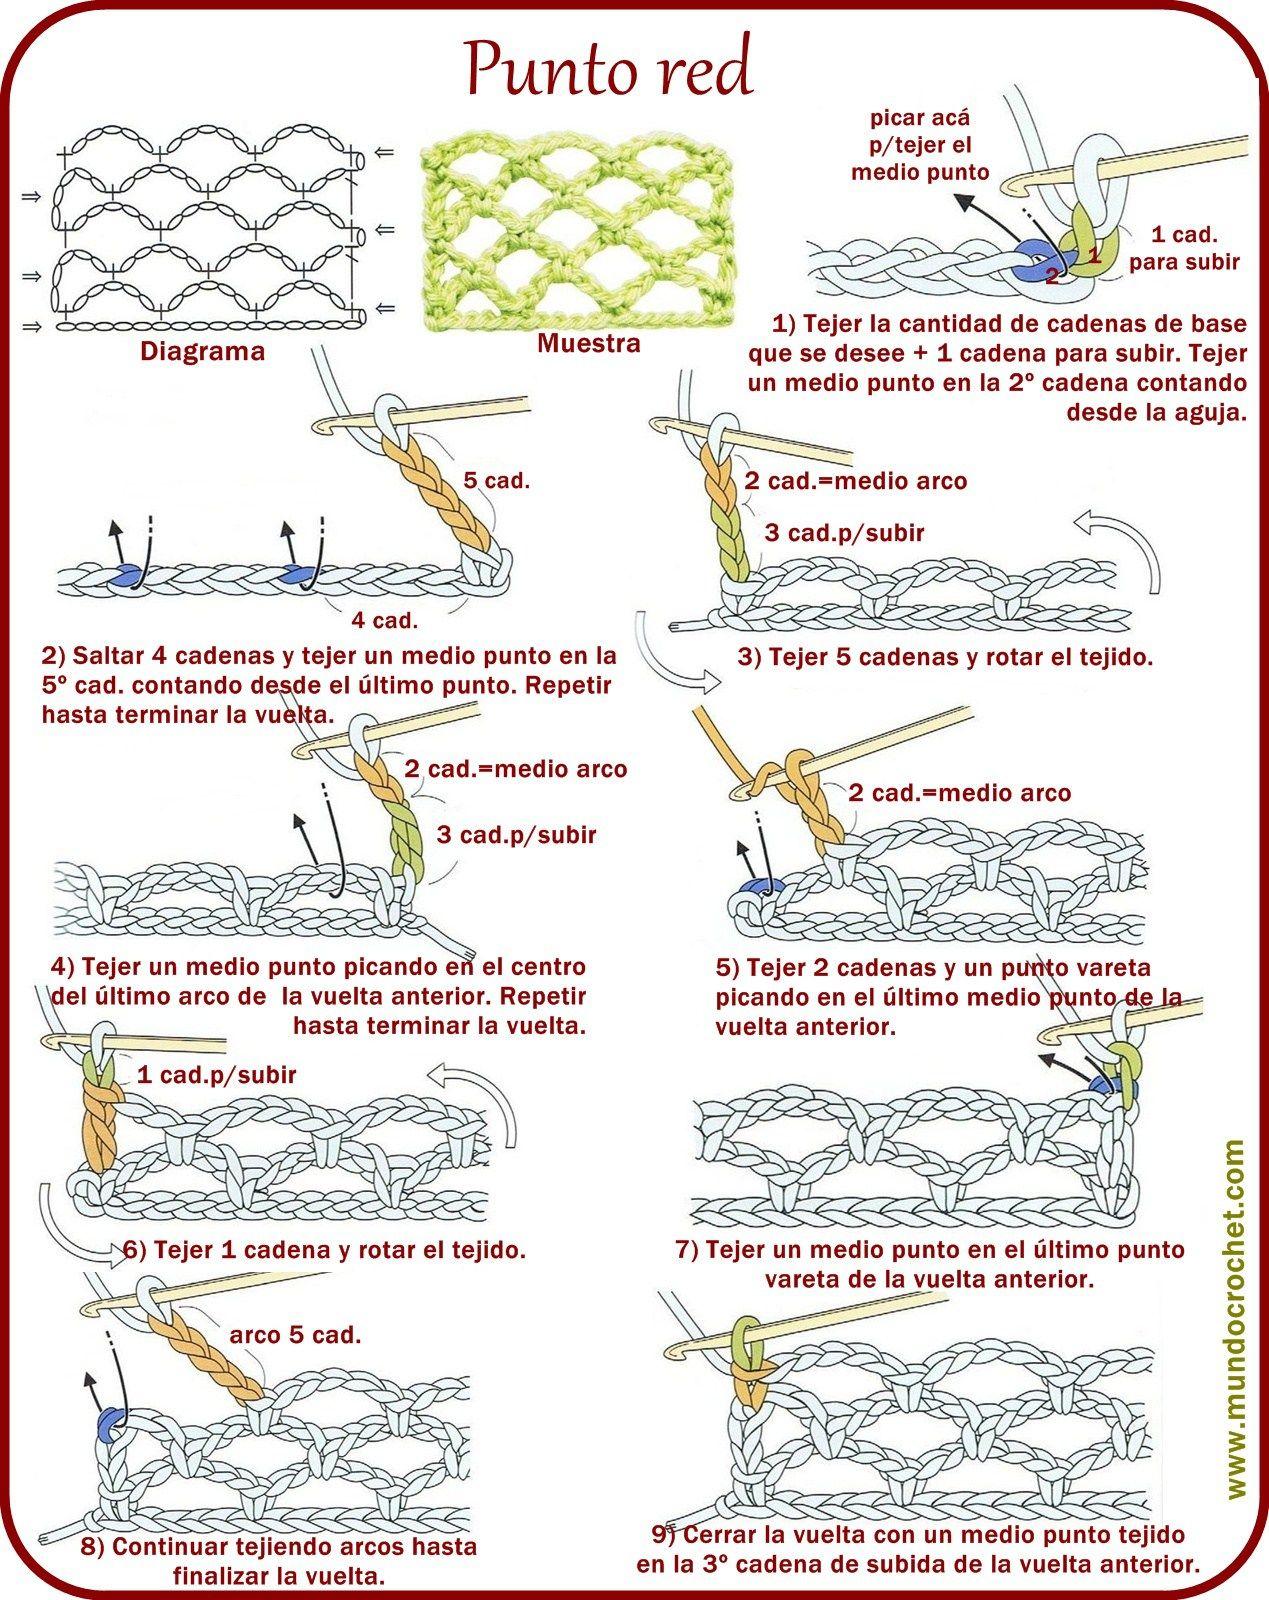 Punto red - Crochet stitch - вязание крючком пунктов | CRAFT ...